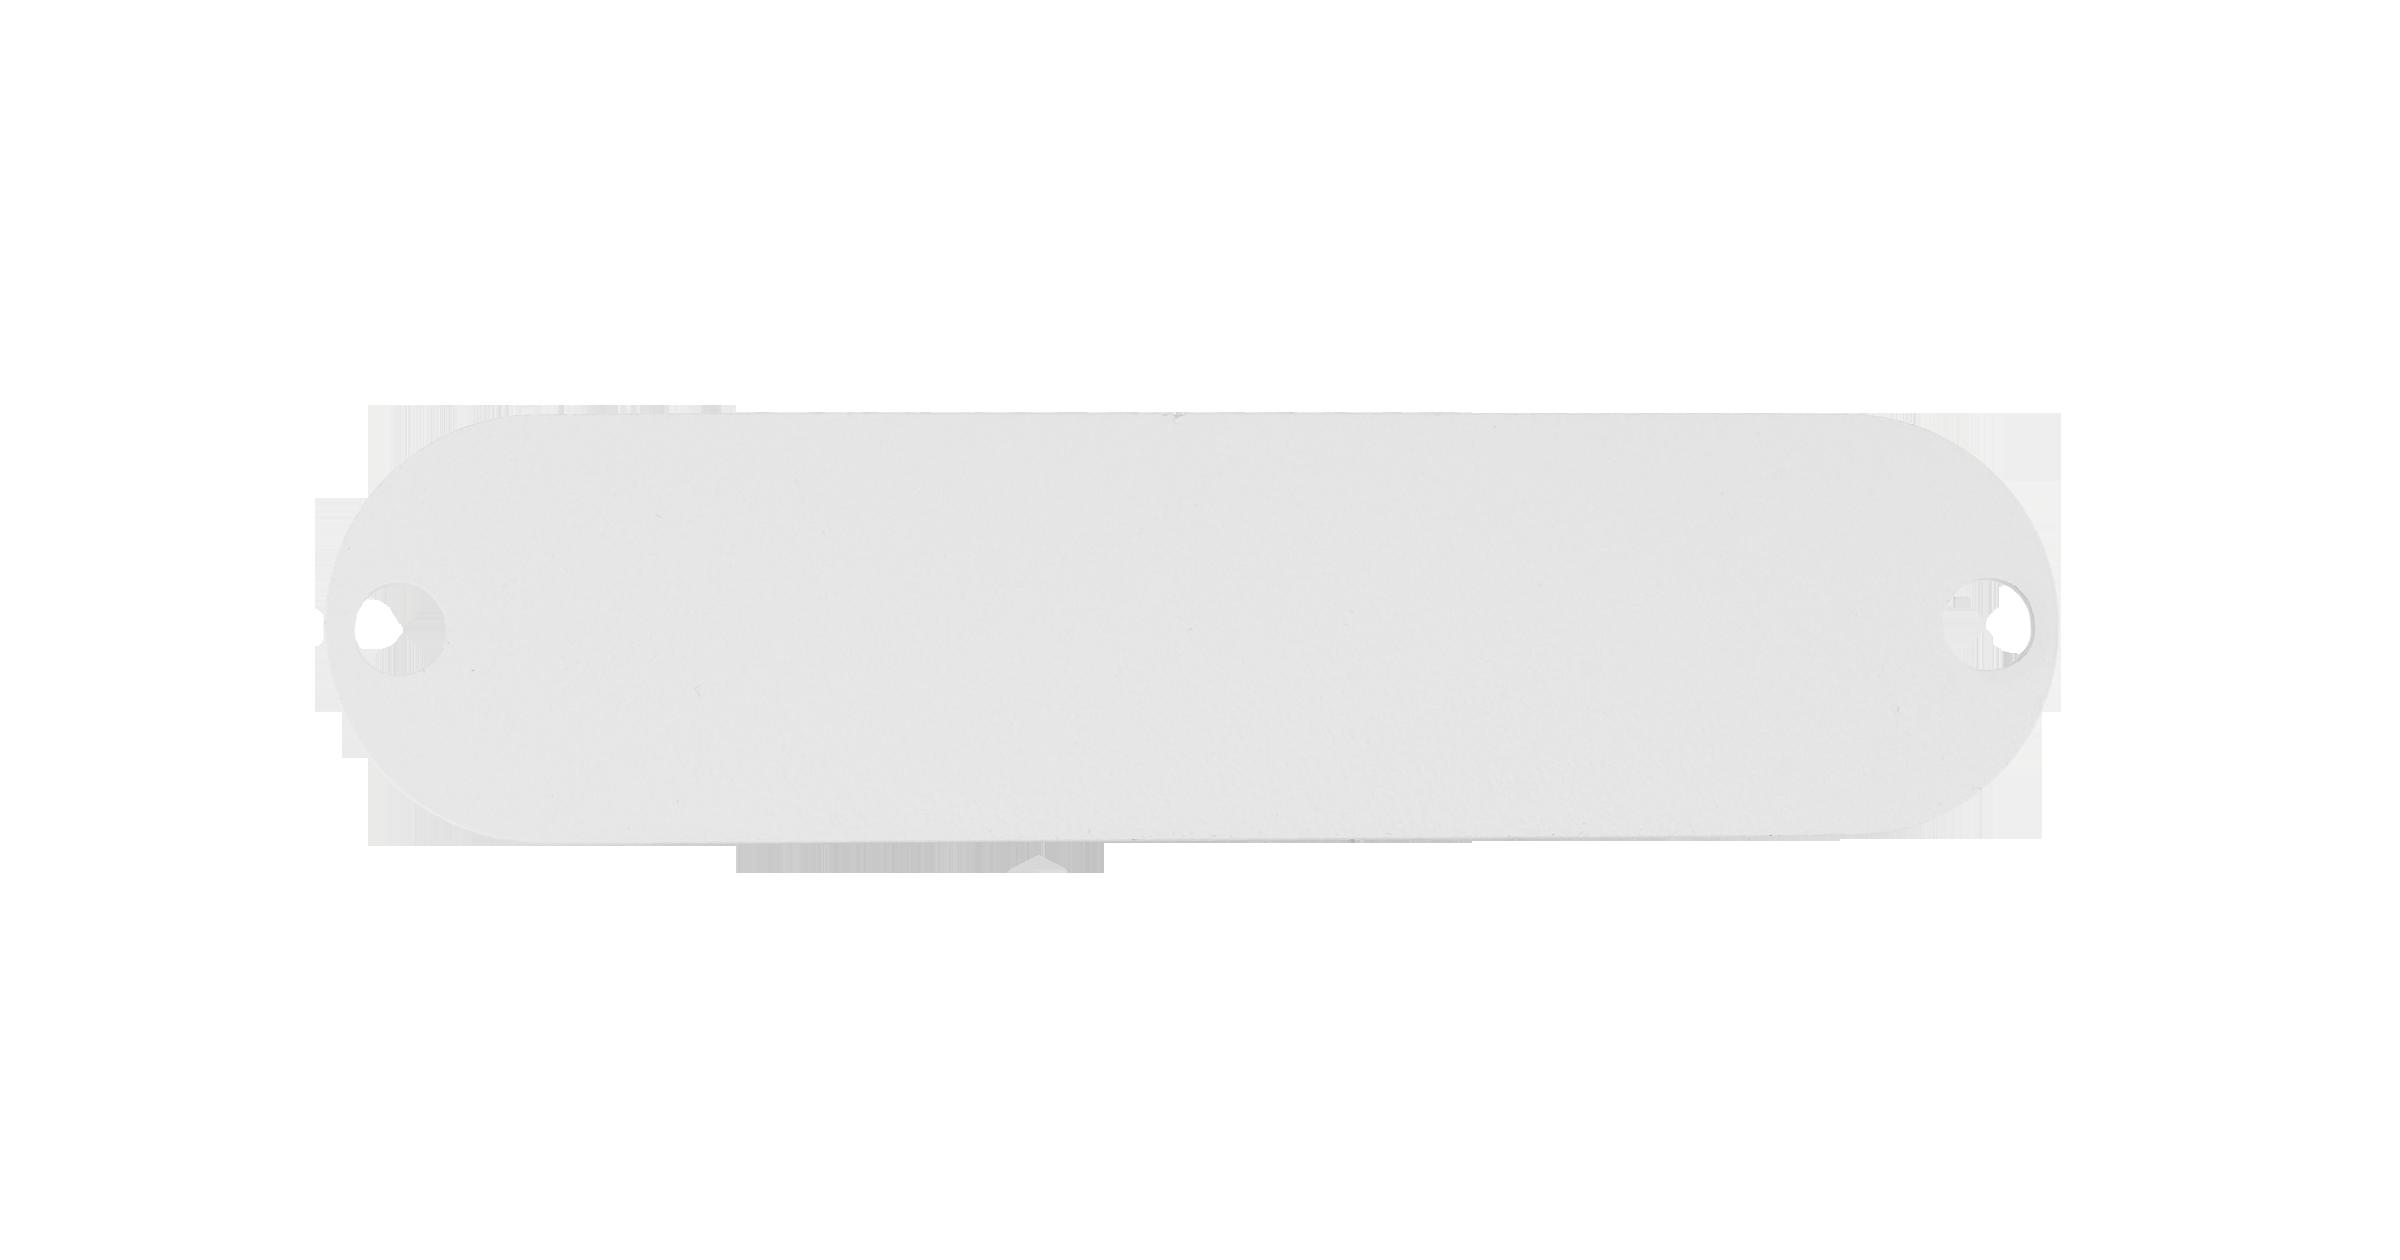 Адаптерная панель-заглушка NIKOMAX TFI, стальная, серая